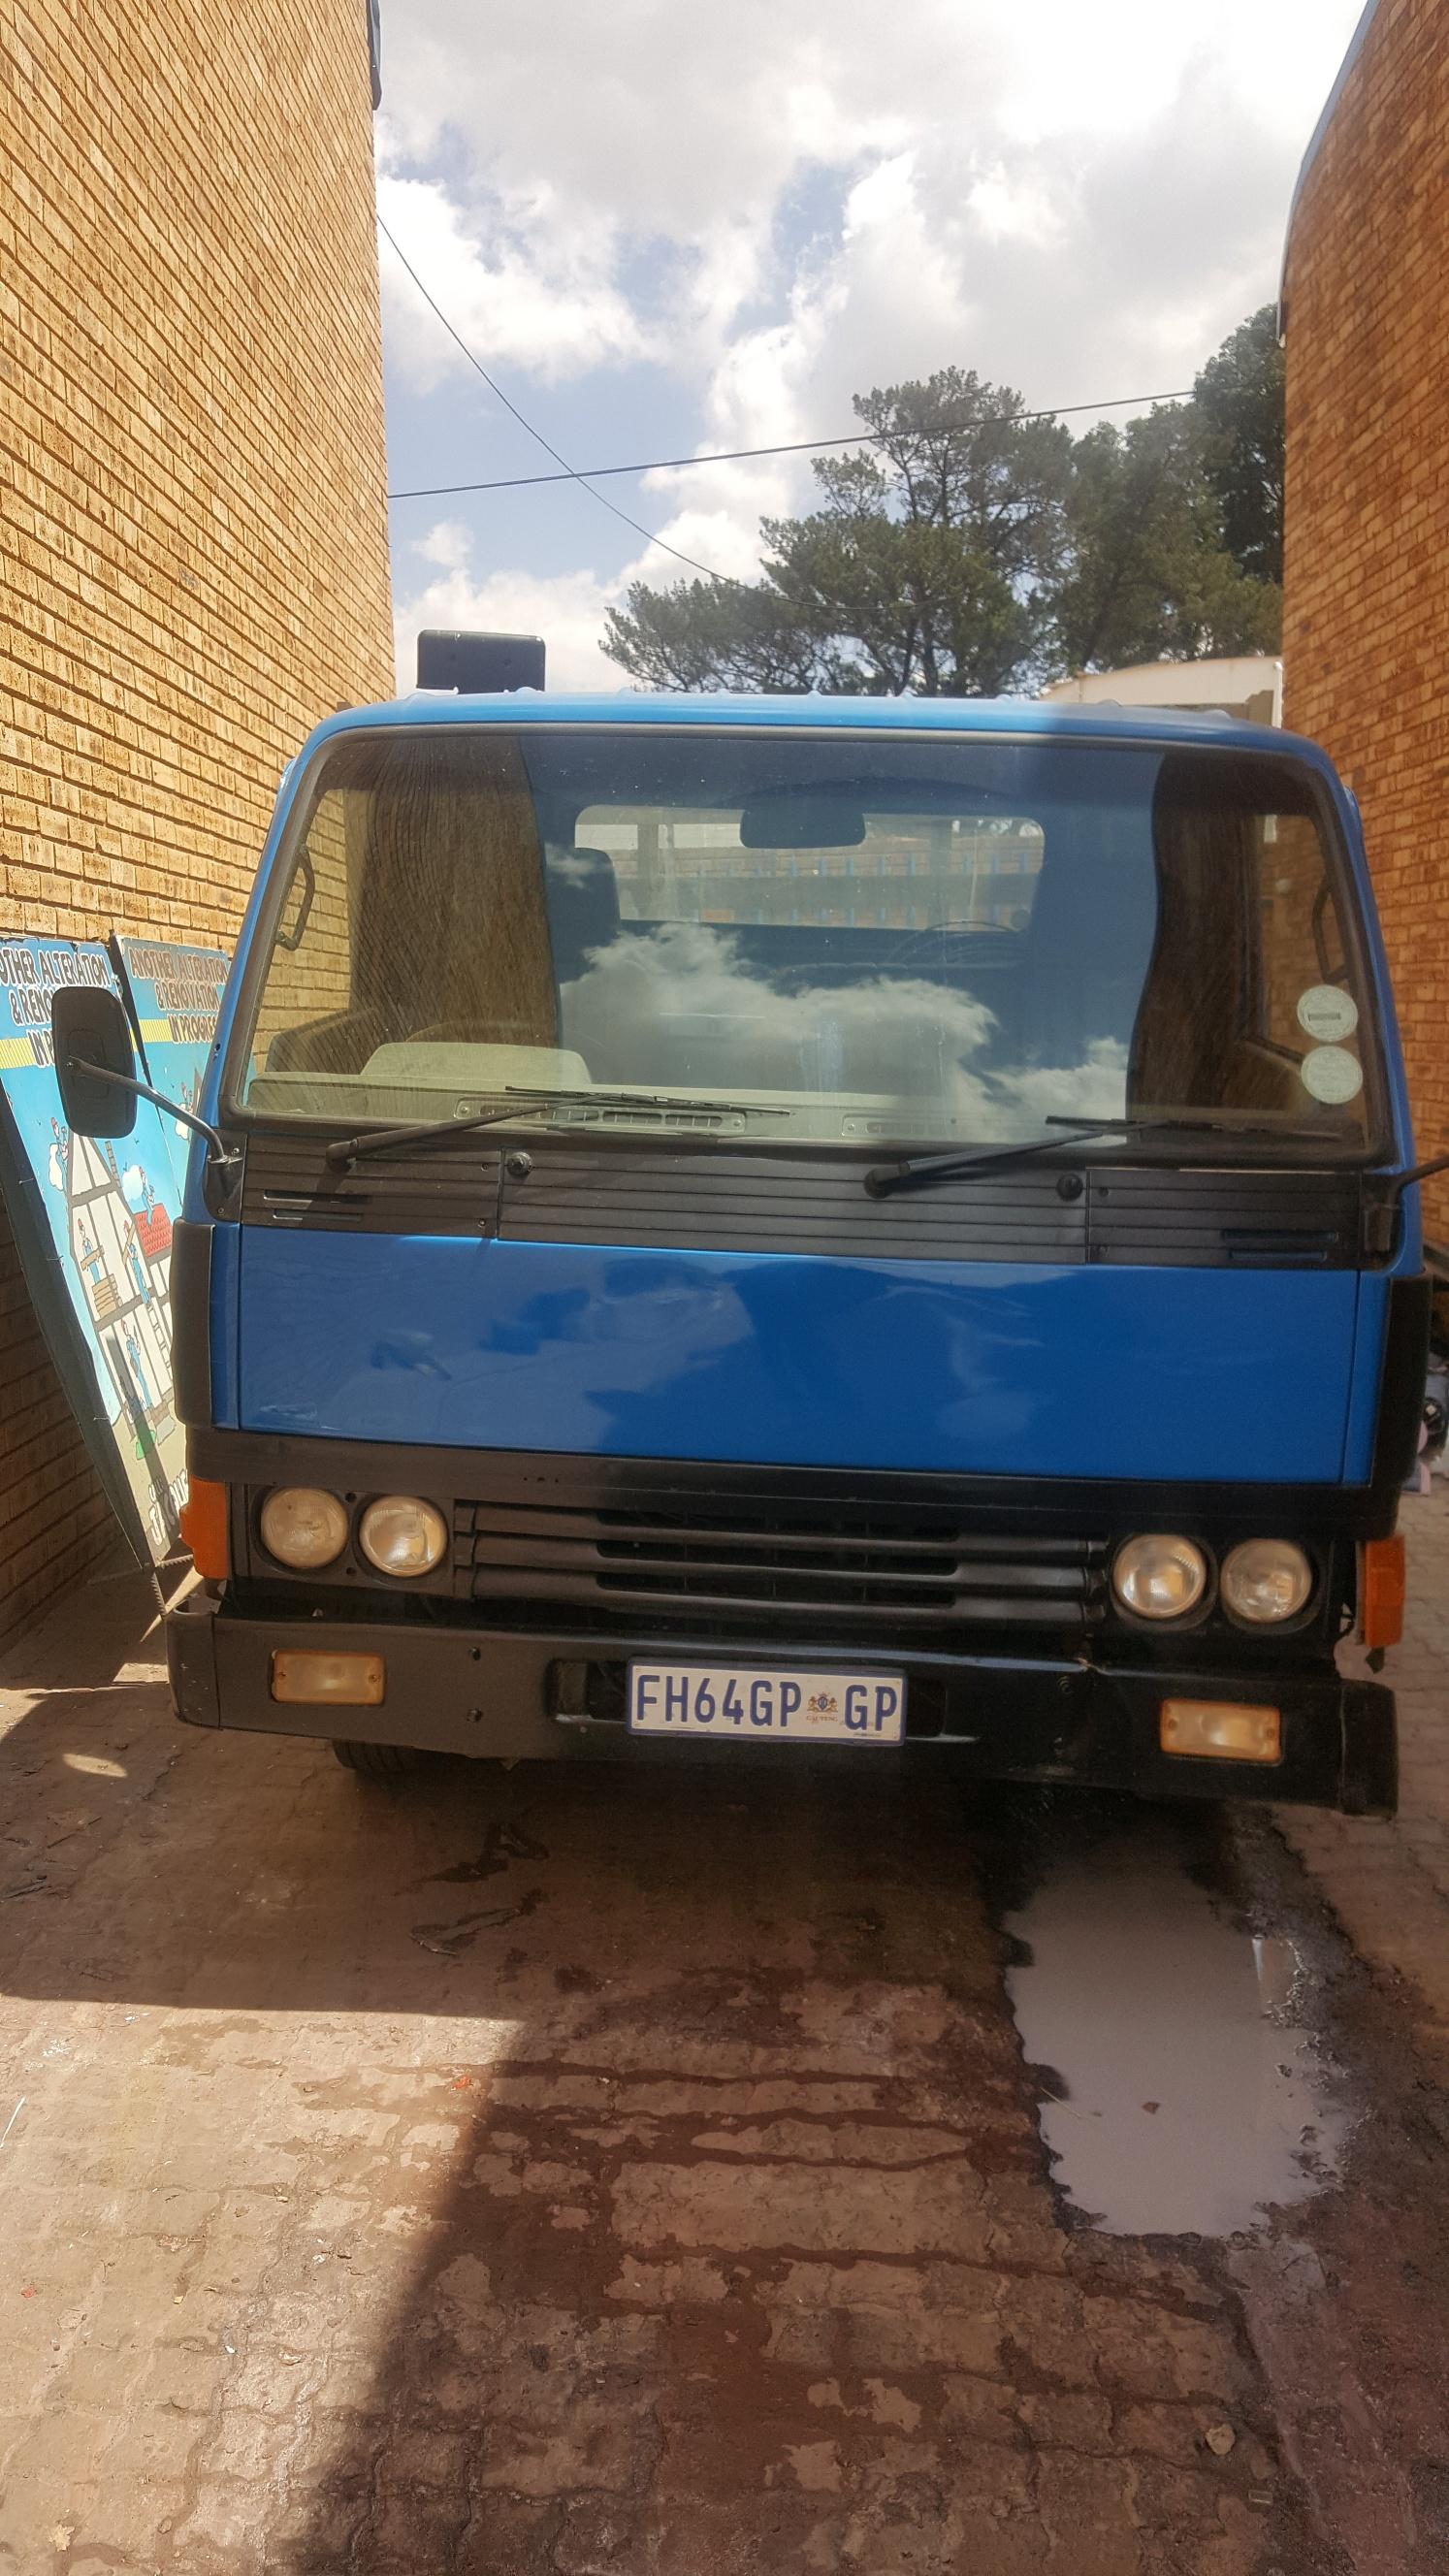 1996, Ford Triton Truck, Dropside, Blue & White